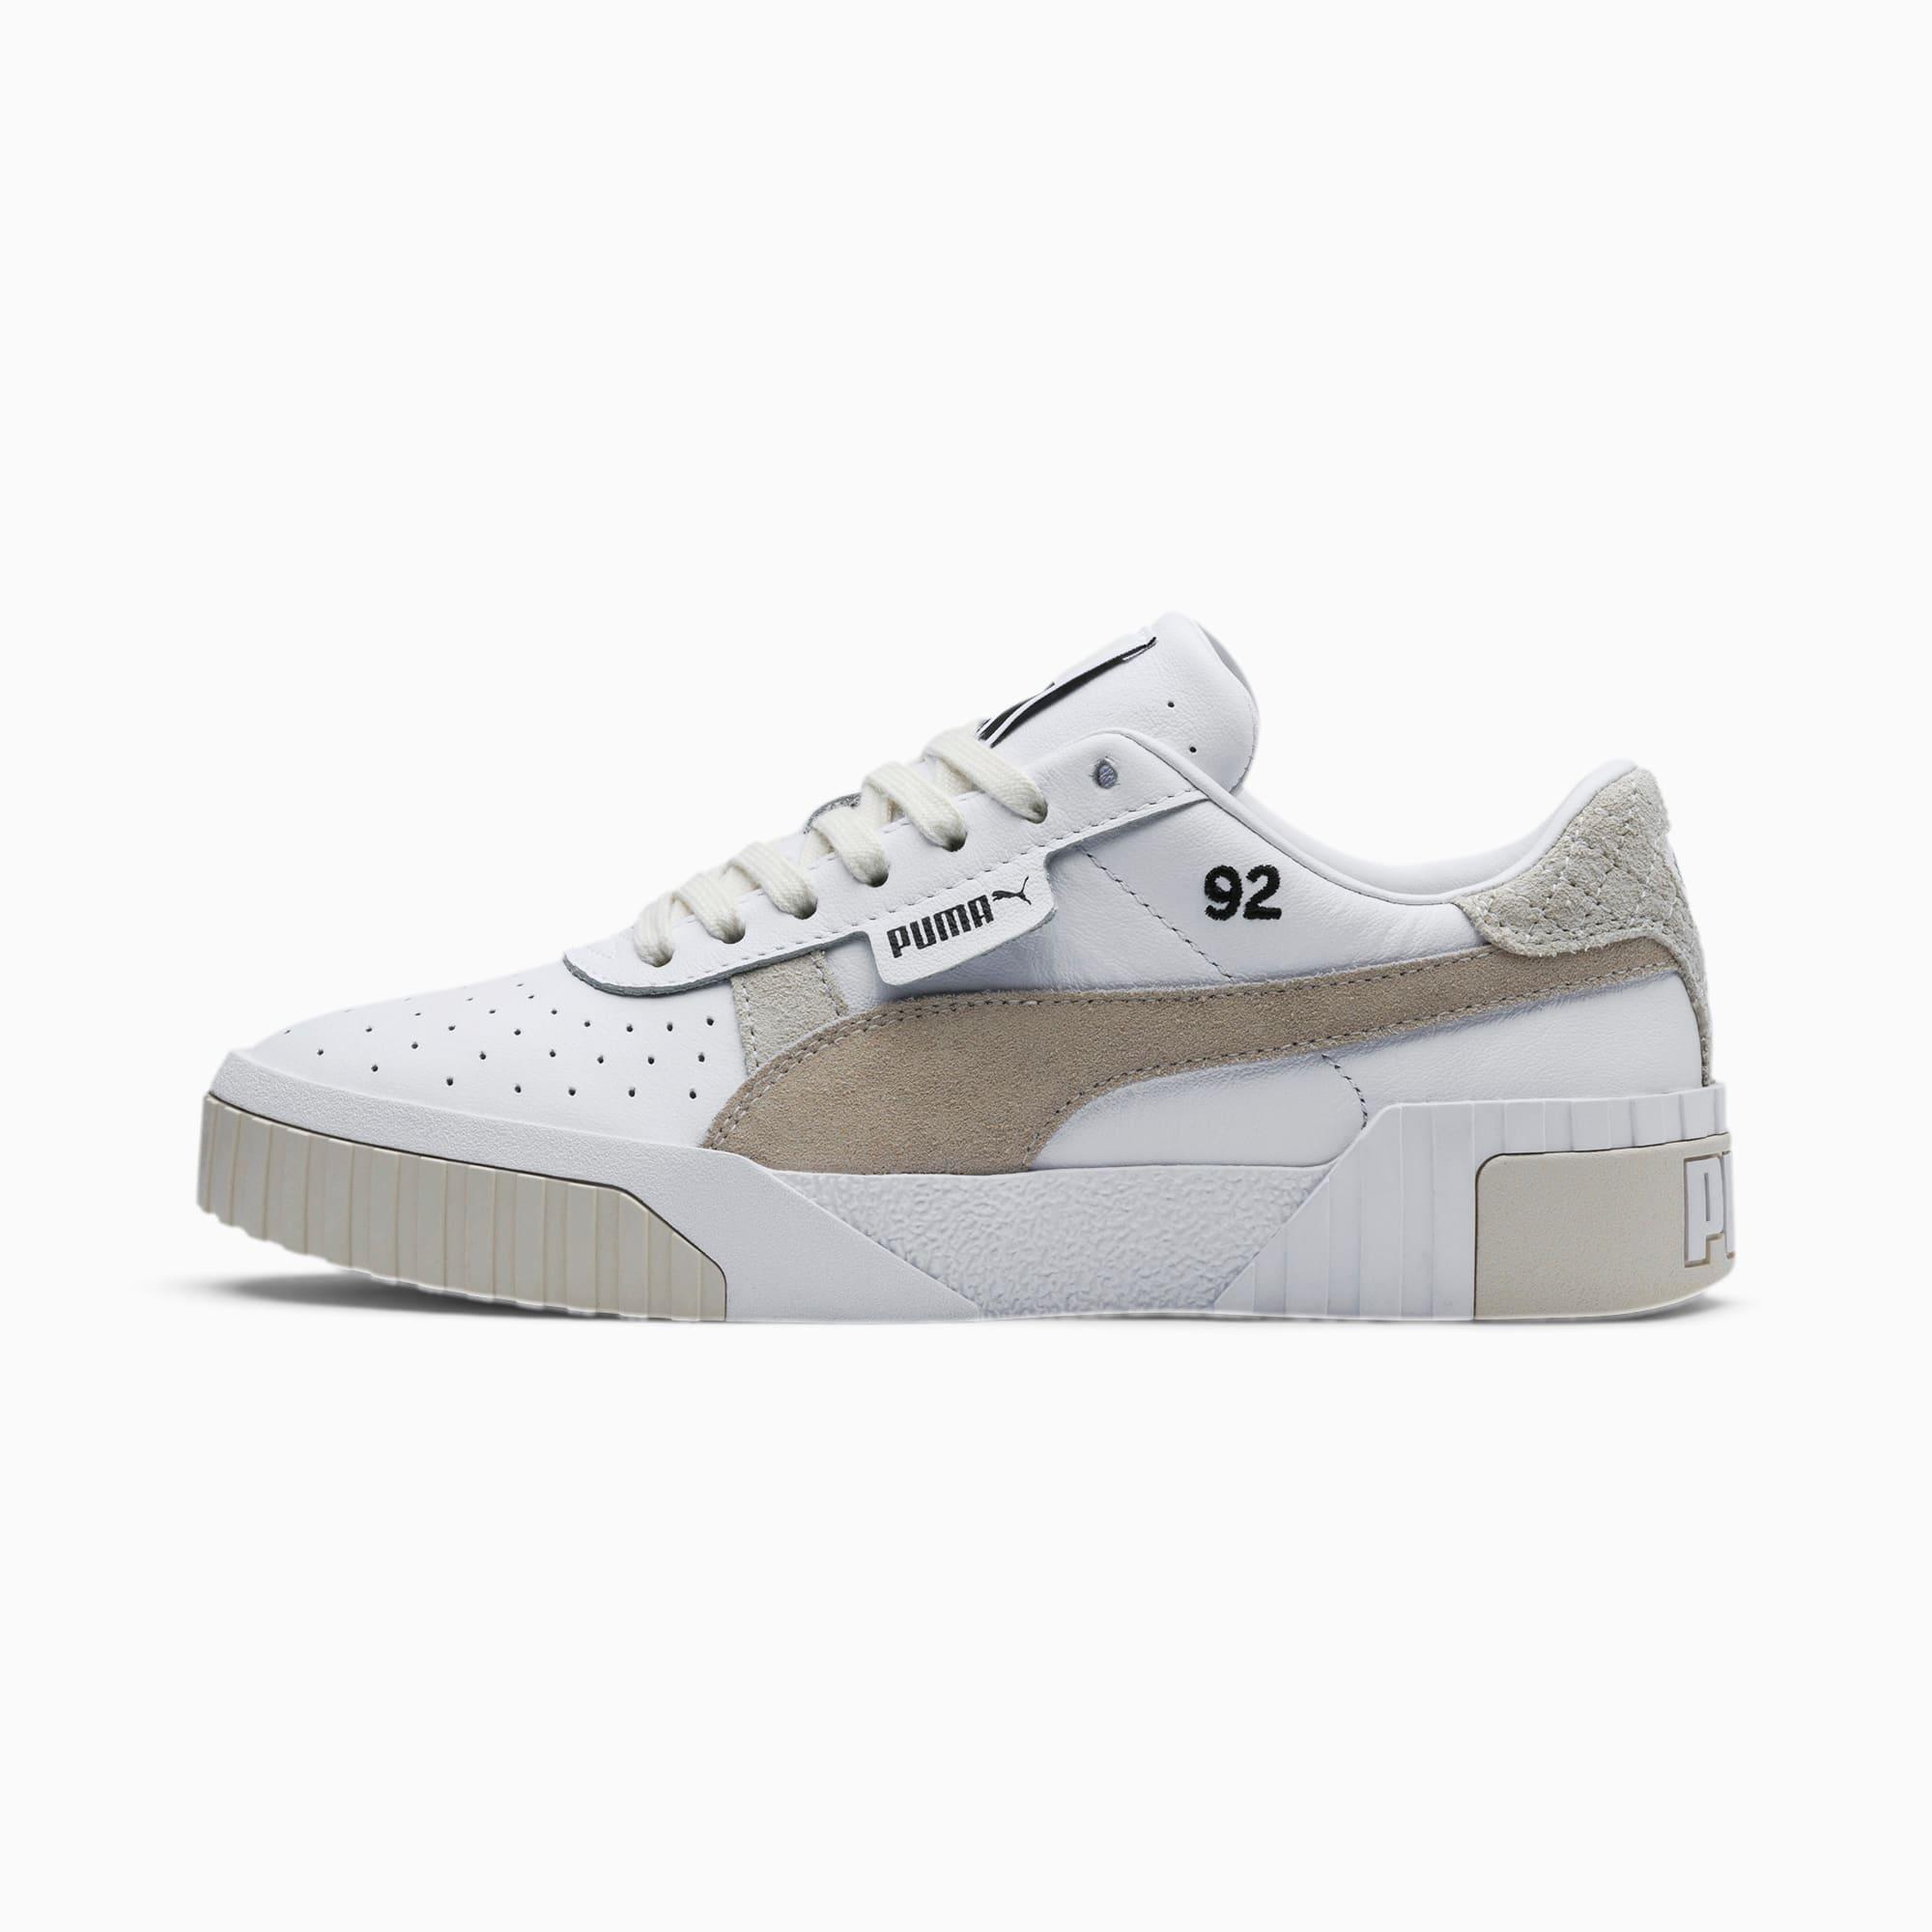 PUMA Chaussure Basket PUMA x SELENA GOMEZ Cali Lthr Suede pour Femme, Argent/Gris/Blanc, Taille 42.5, Chaussures